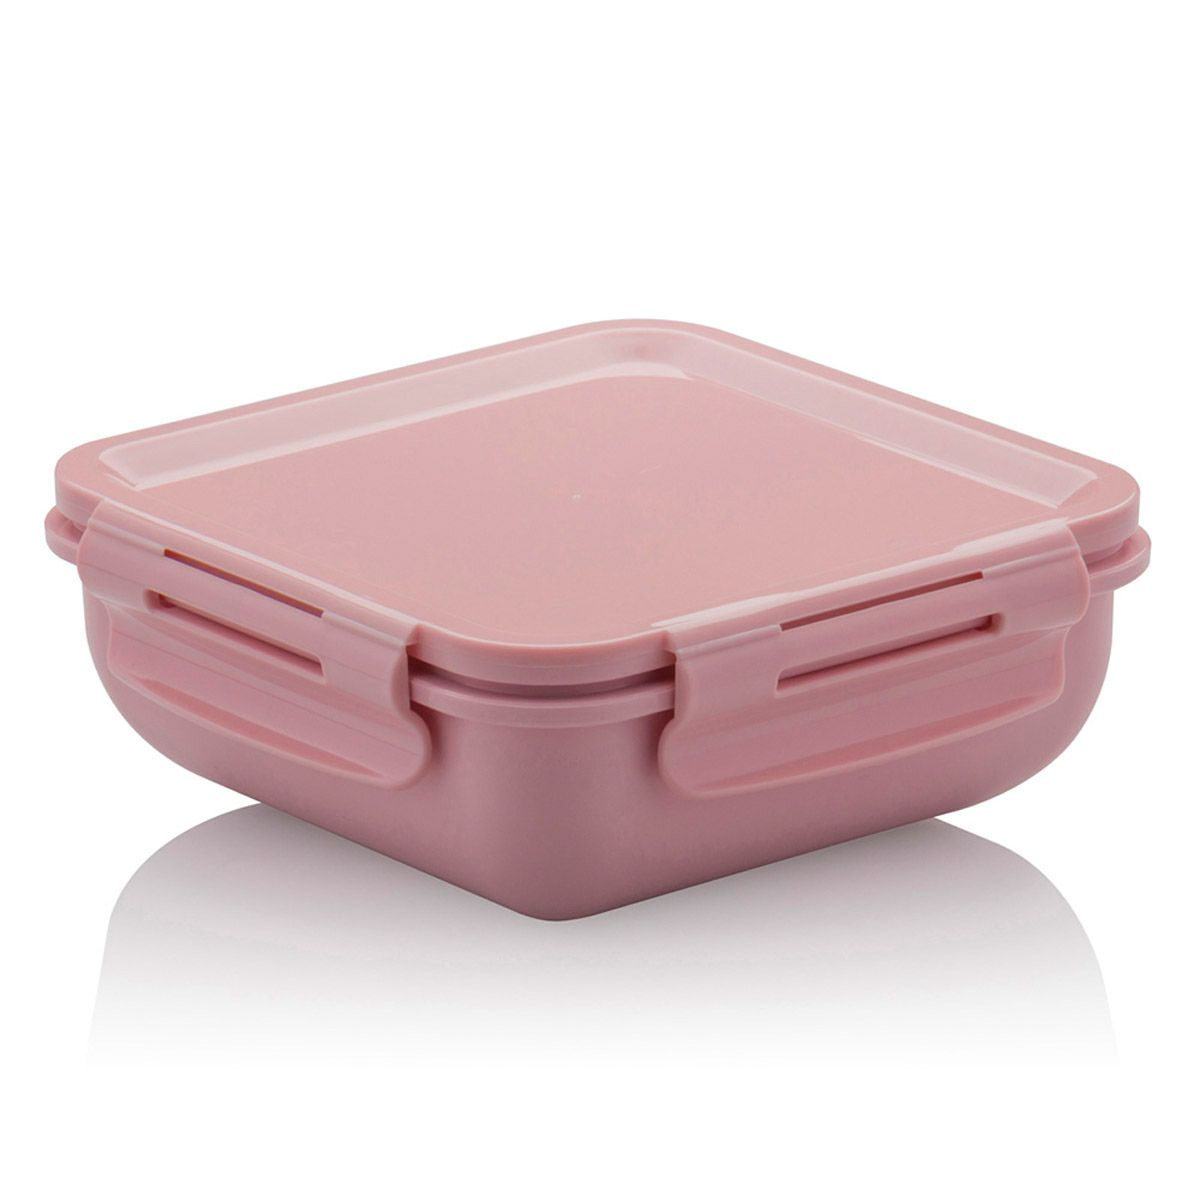 Marmita Hermética Plástico Quadrada Marmitou Rosa Quartz - Ou